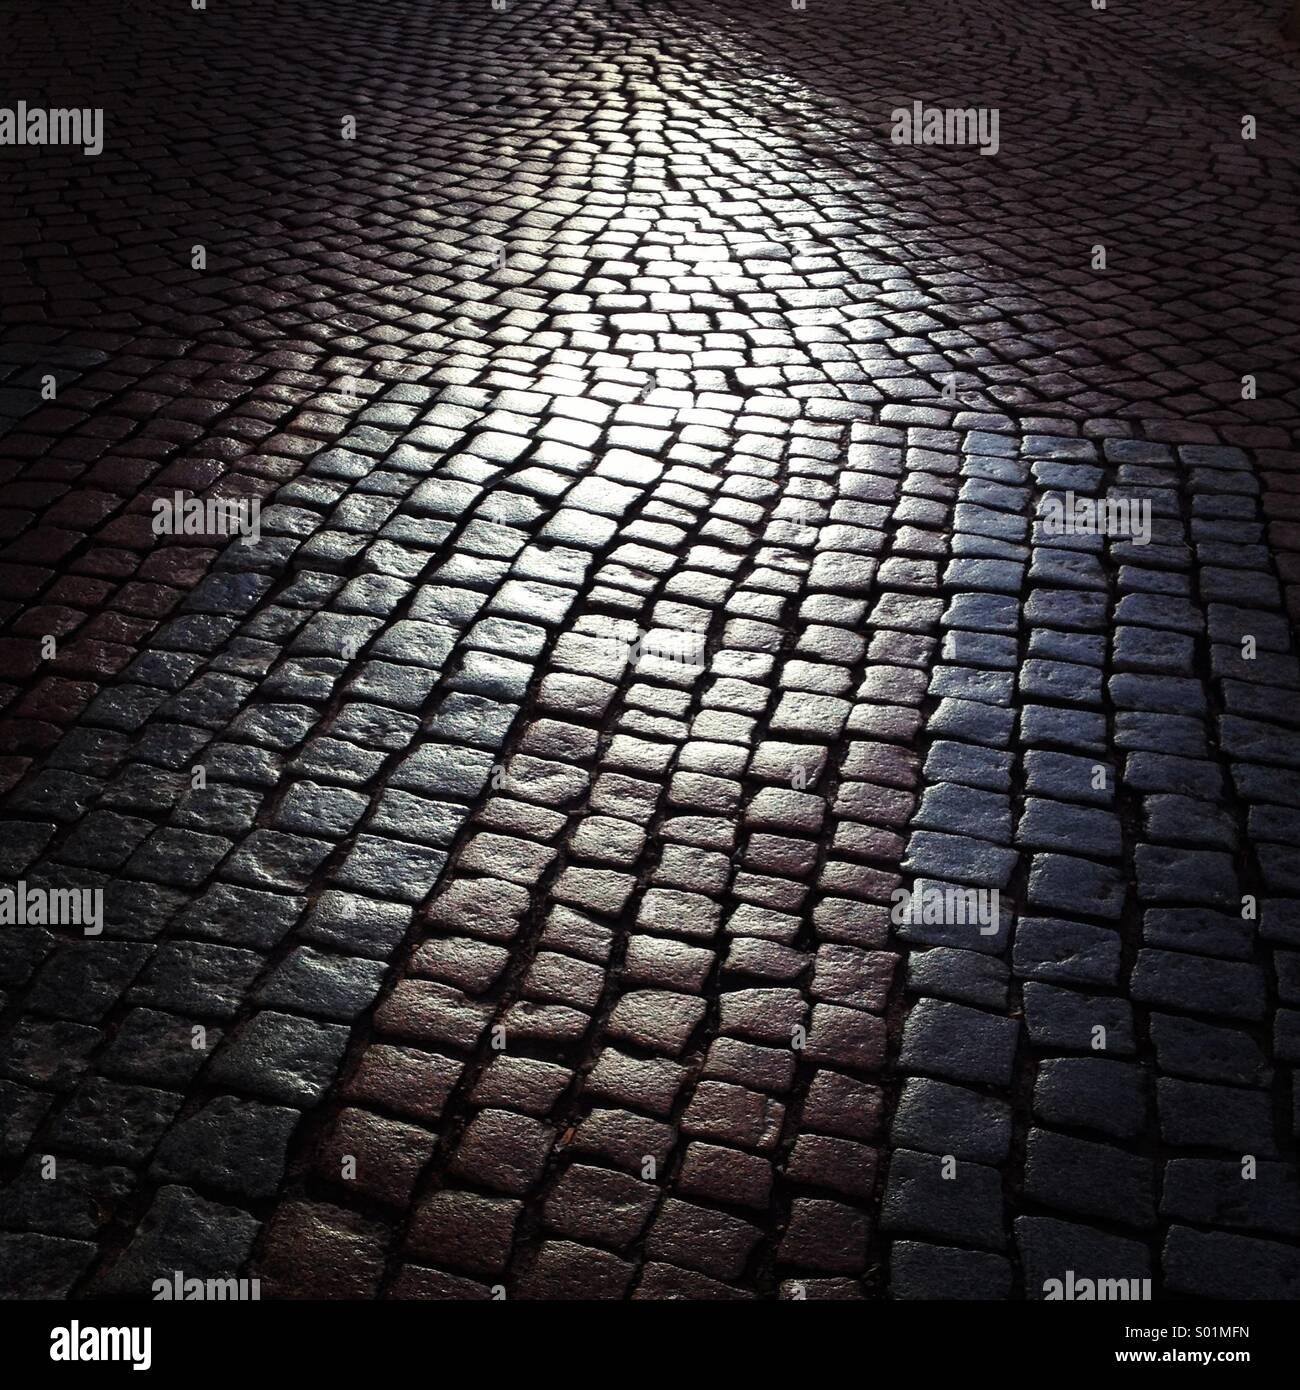 Una calle de adoquines mojados brillando en la luz del sol Imagen De Stock